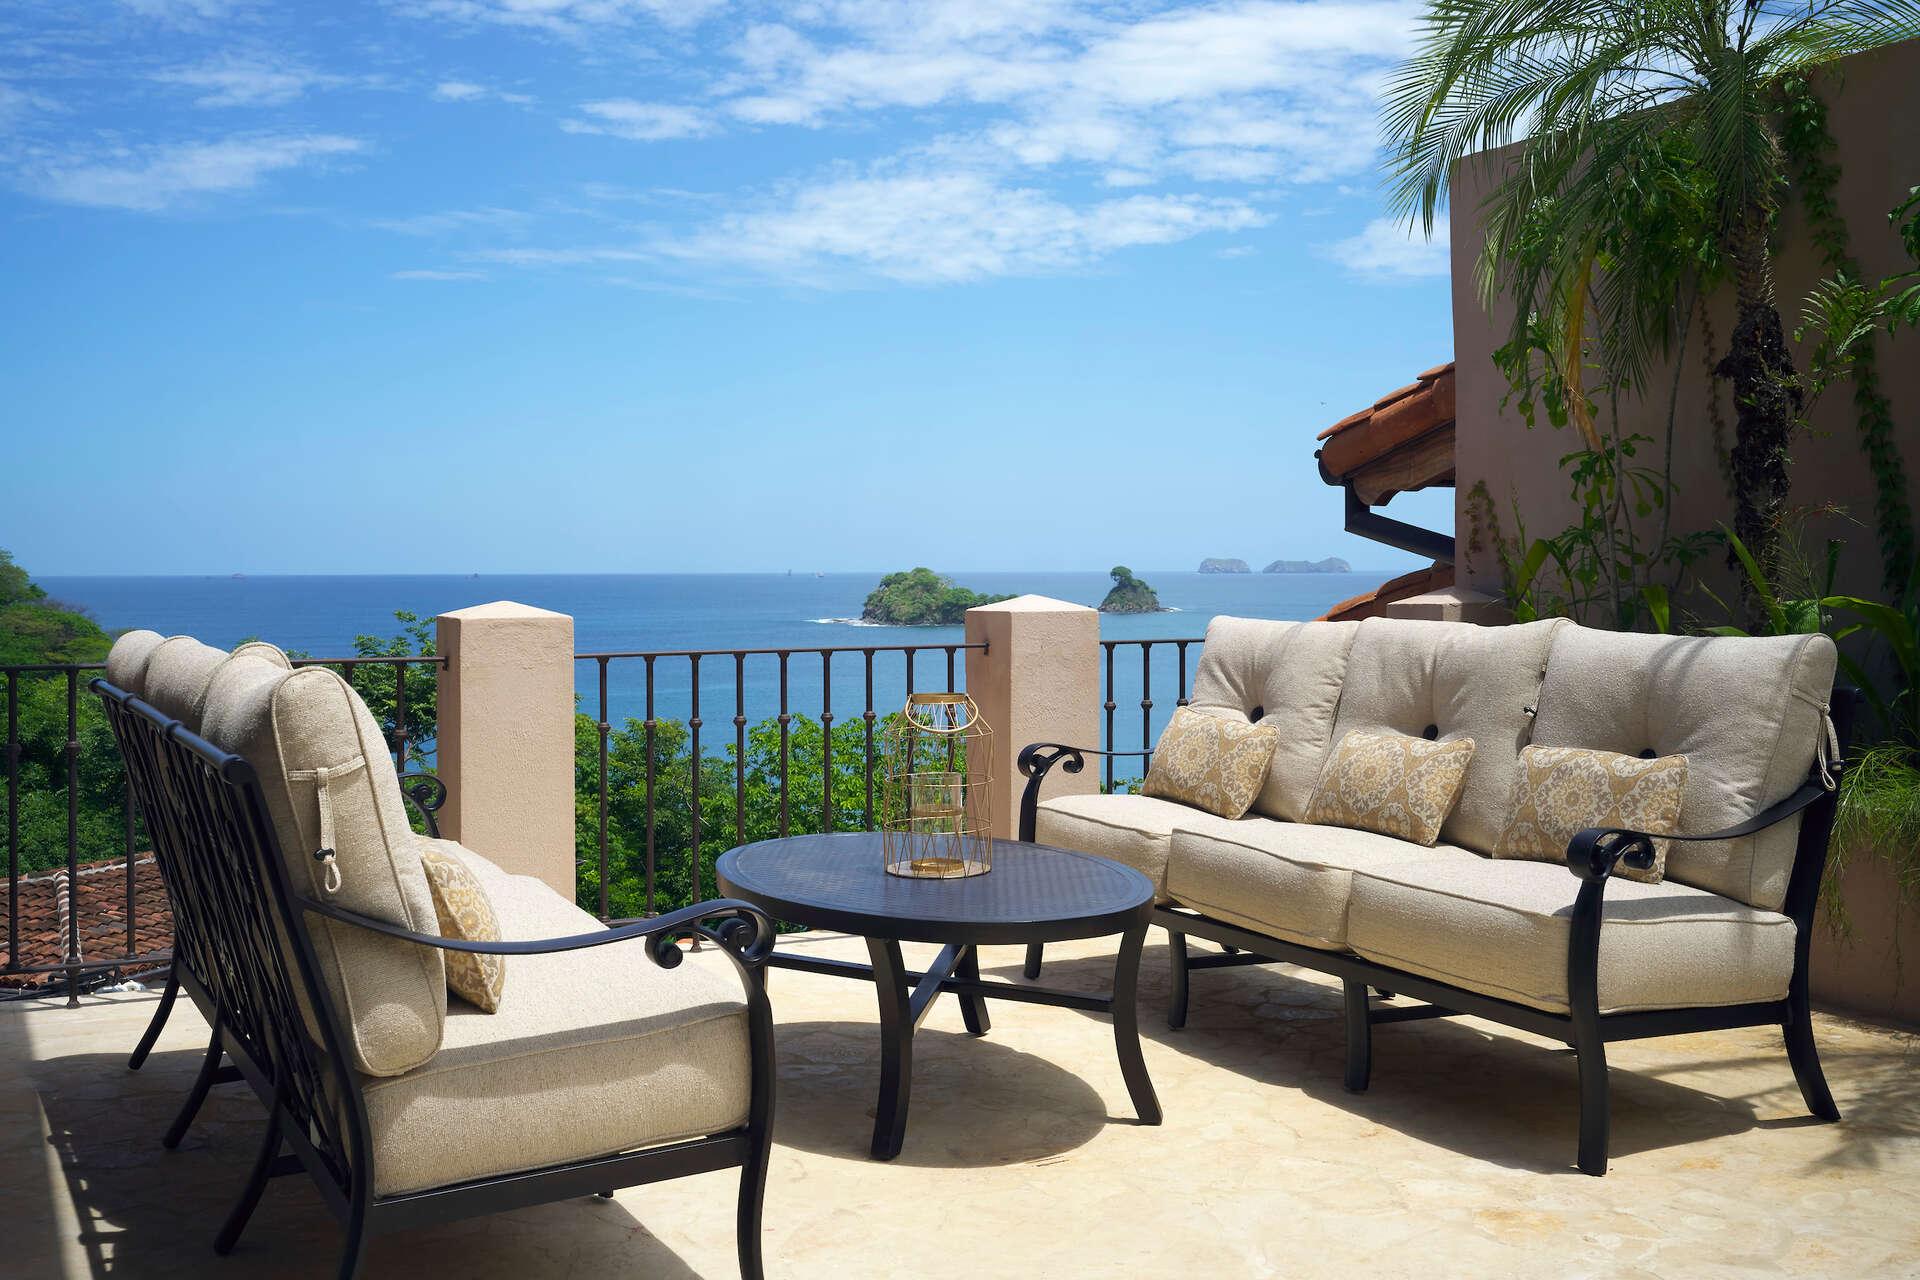 Central america villa rentals - Costa rica - Guanacaste - Las catalinas - 16 Calle Virginia - Image 1/15